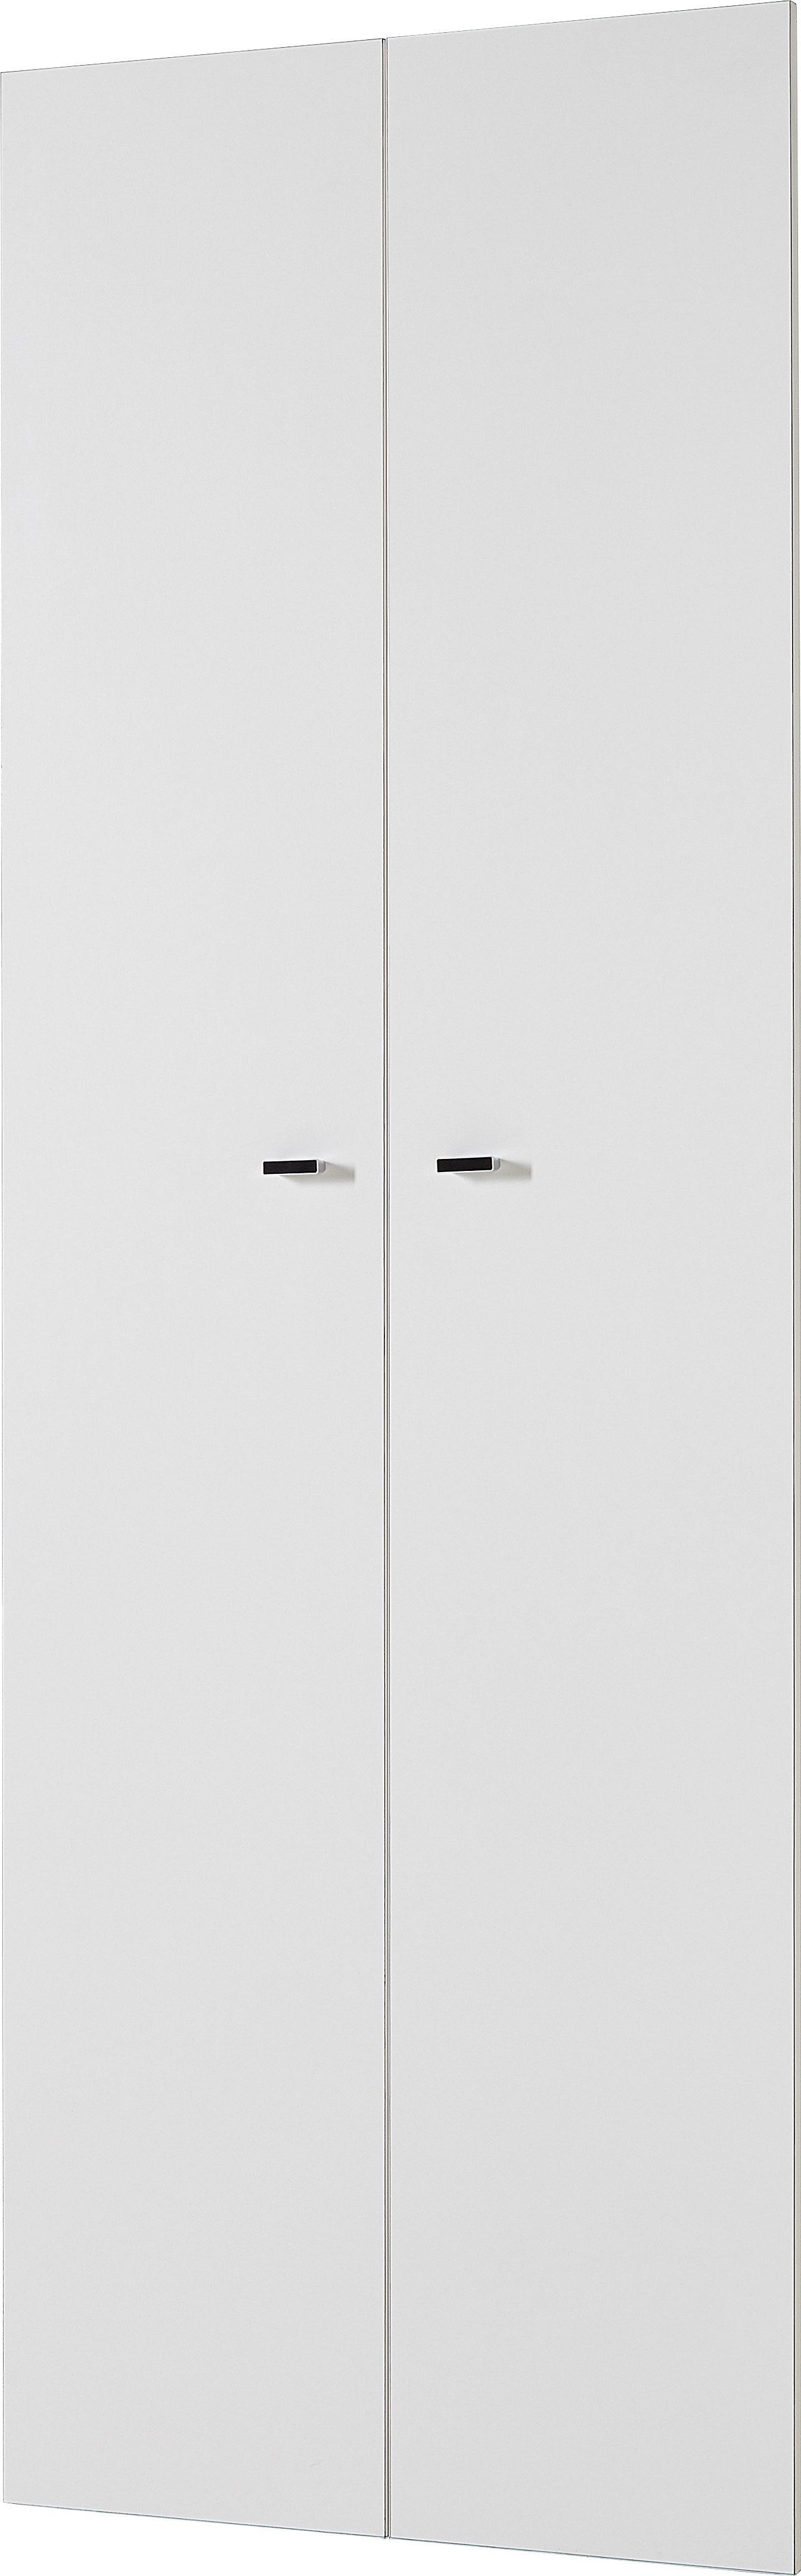 Türen für Regal Höhe 211 cm »Montreal«